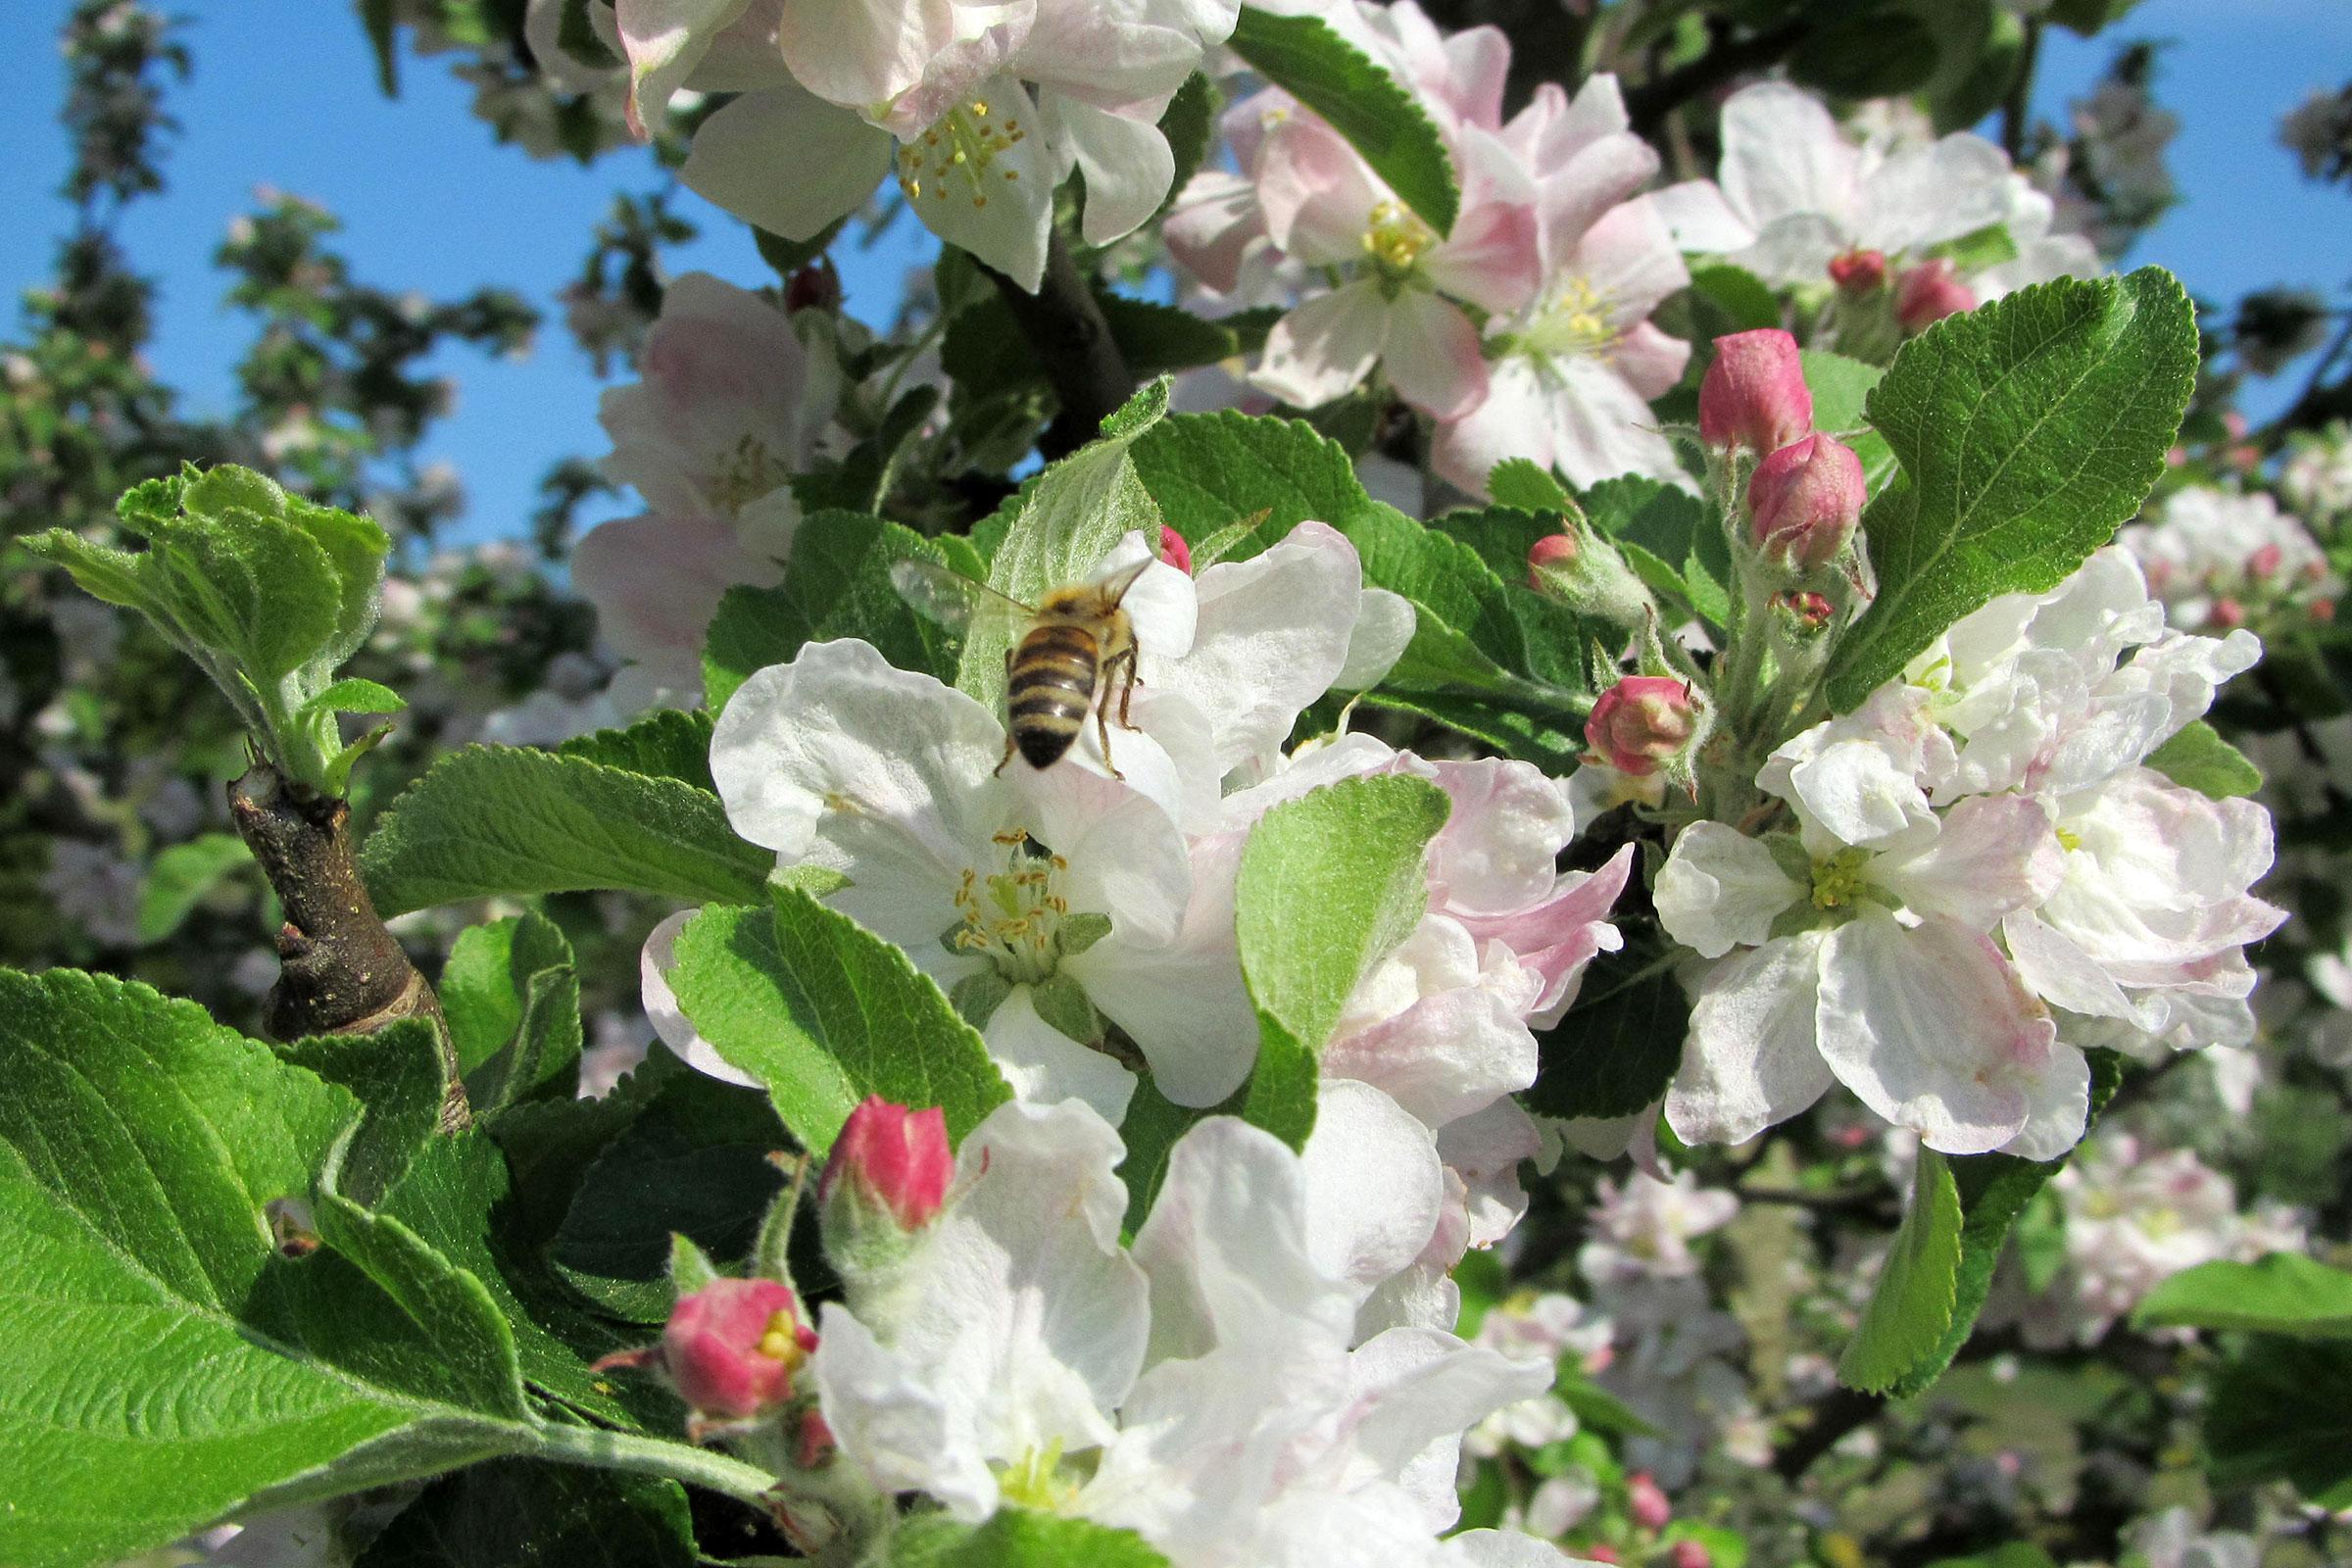 Obstgarten mit blühemdem Apfelbaum